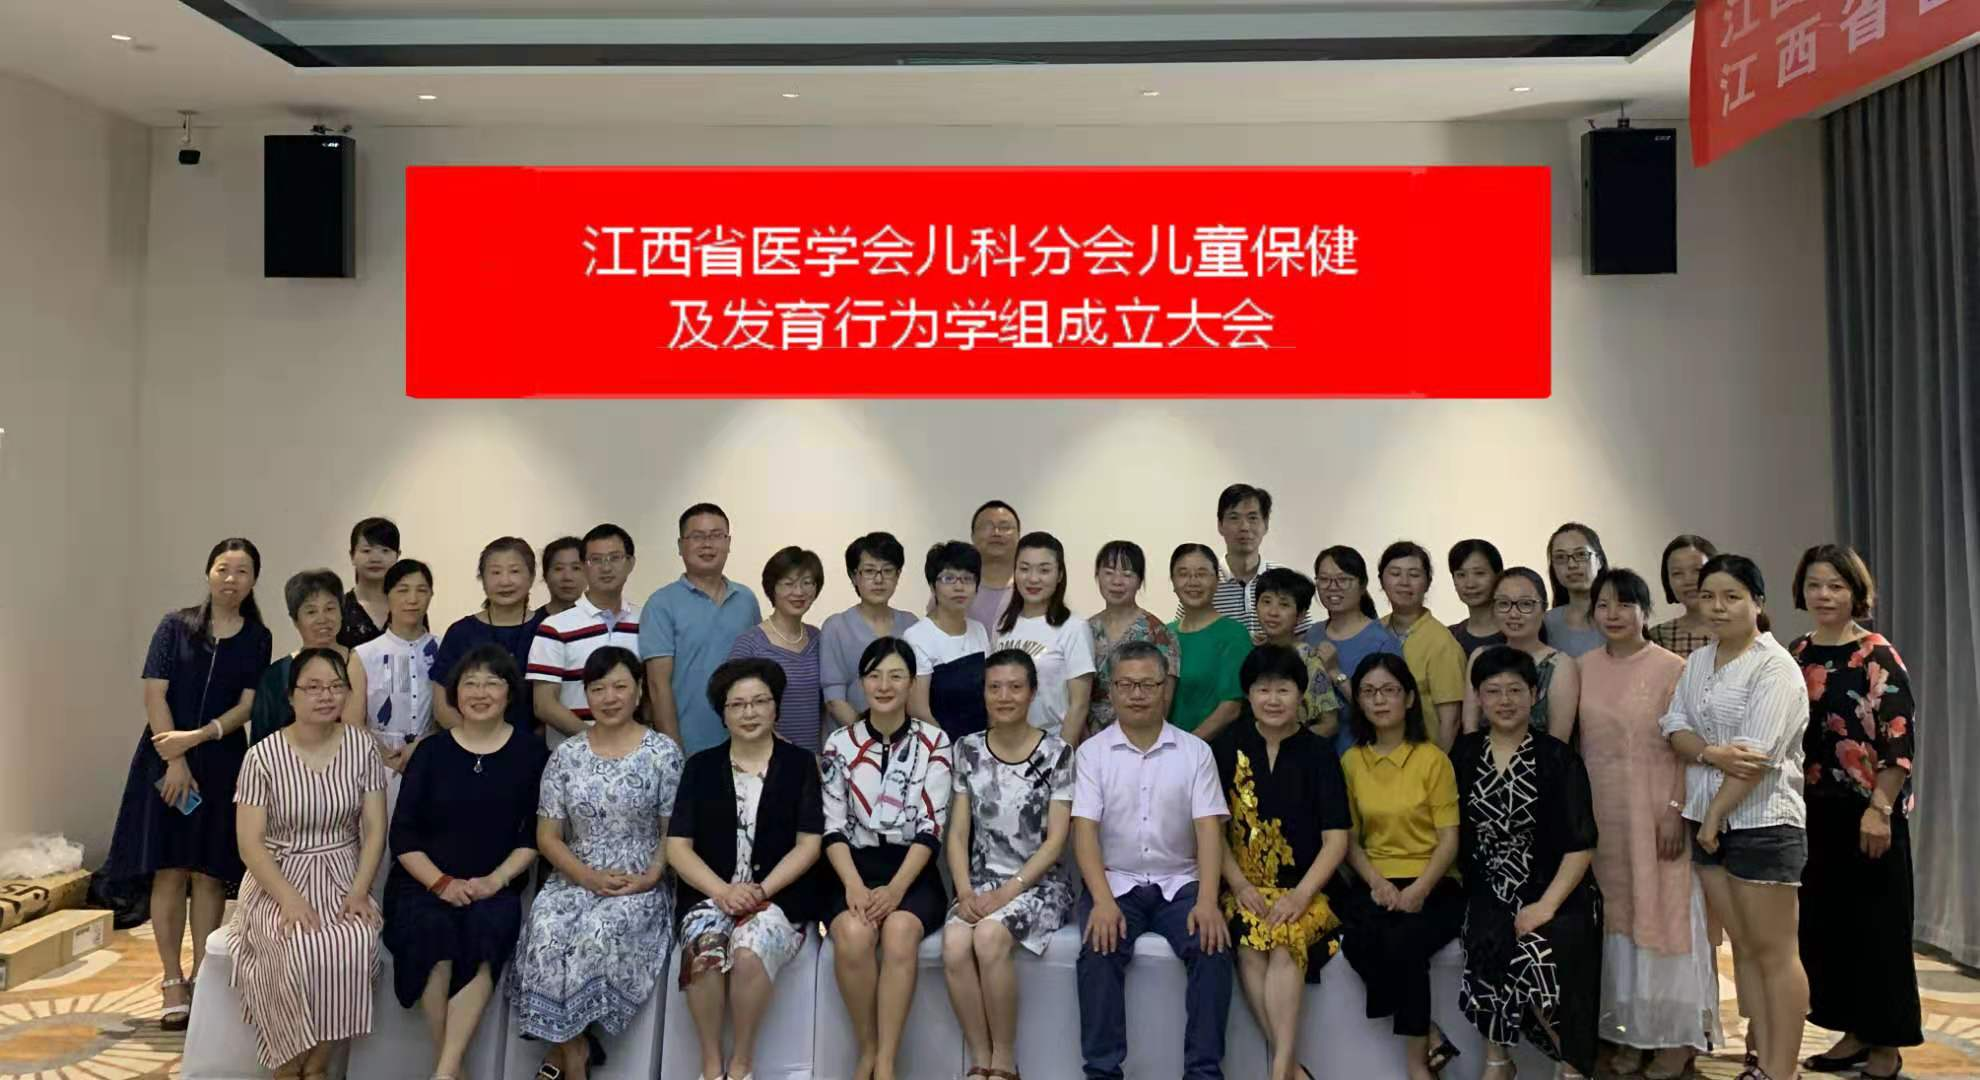 江西省医学会儿科学分会儿童保健及发育行为学组成立